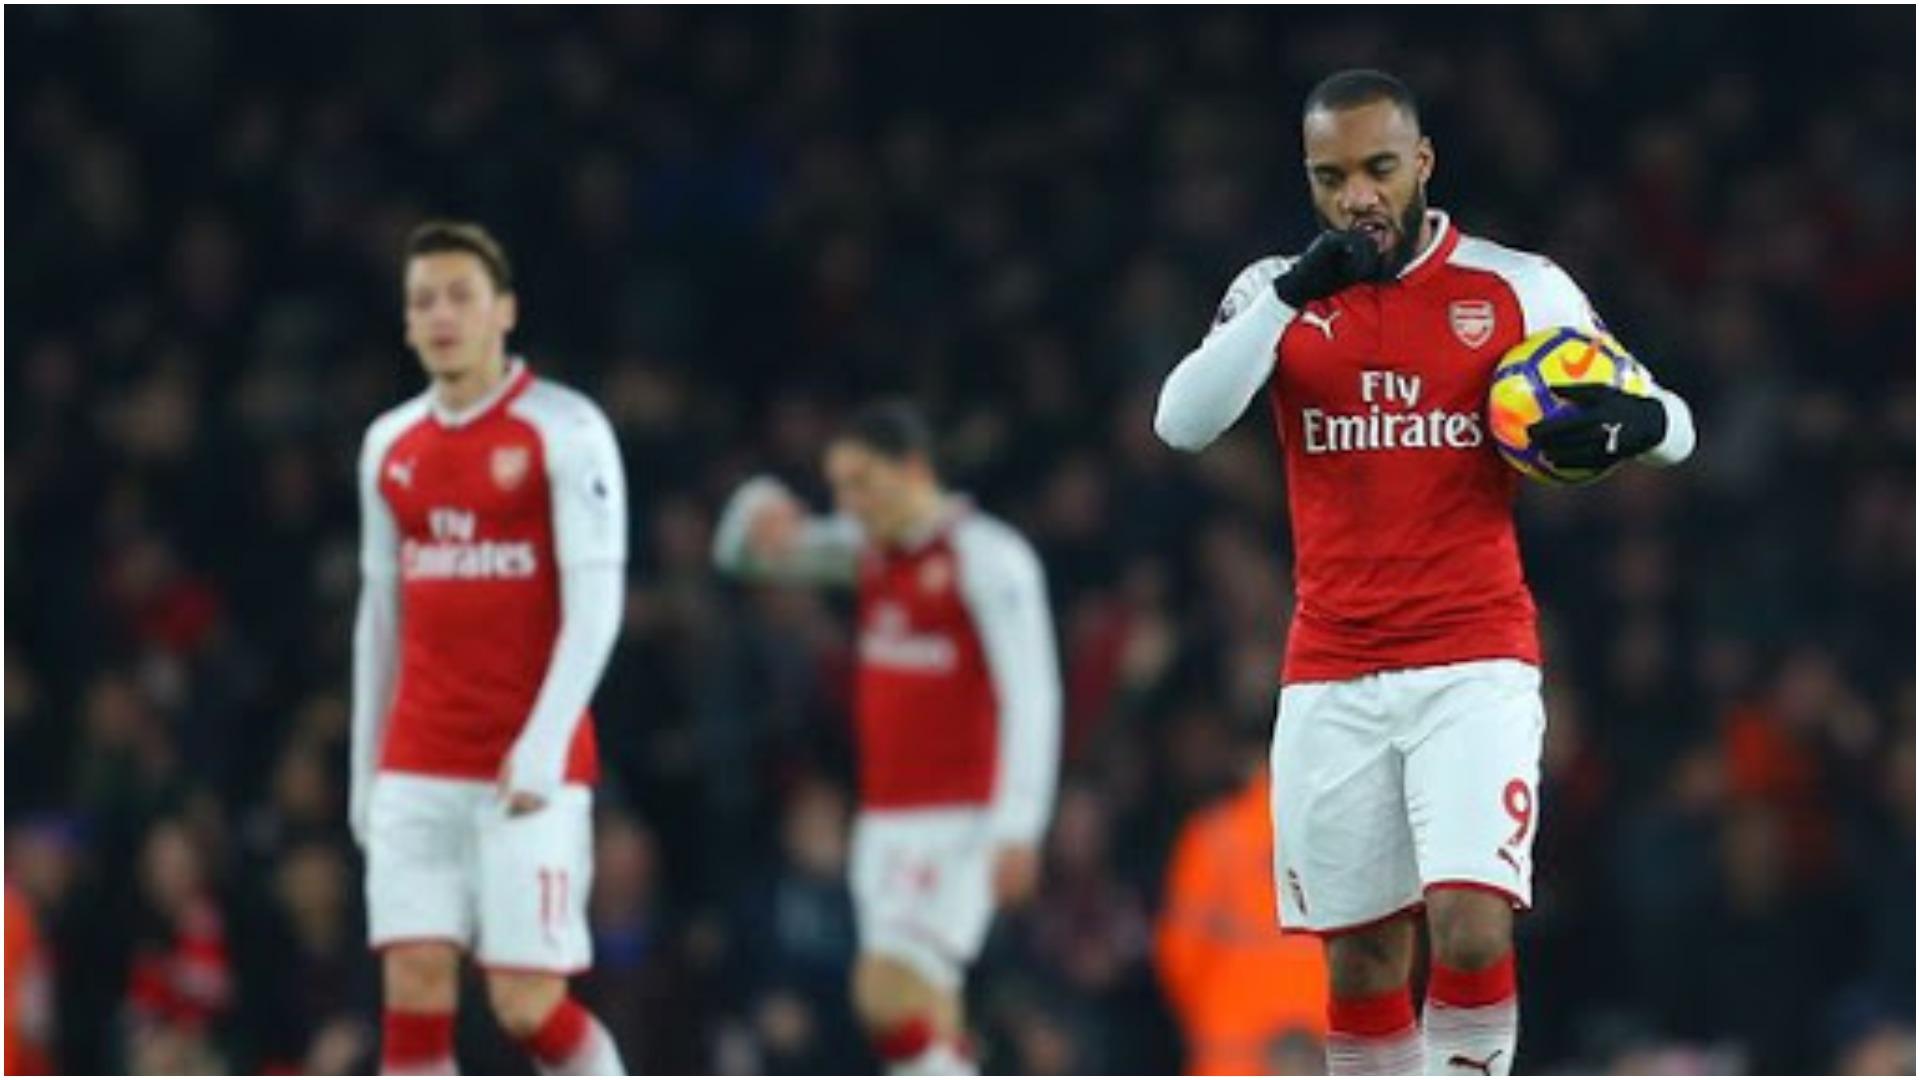 Propozimi për uljen e rrogave, lojtarët e Arsenalit refuzojnë